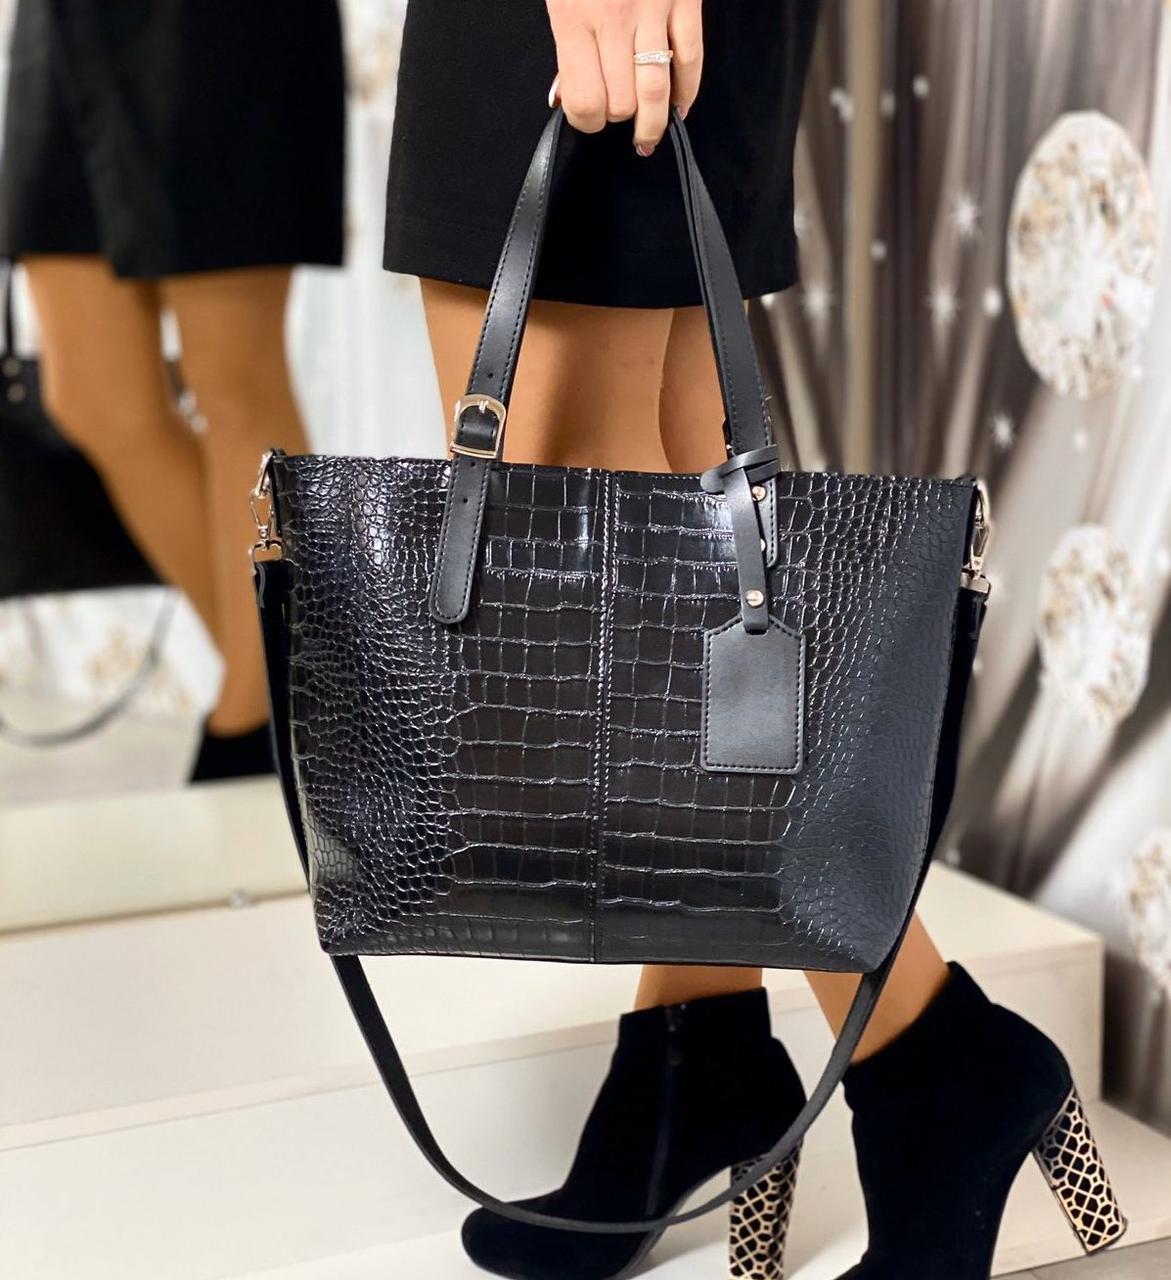 Большая черная женская сумка под рептилию шоппер городская на плечо модная брендовая экокожа